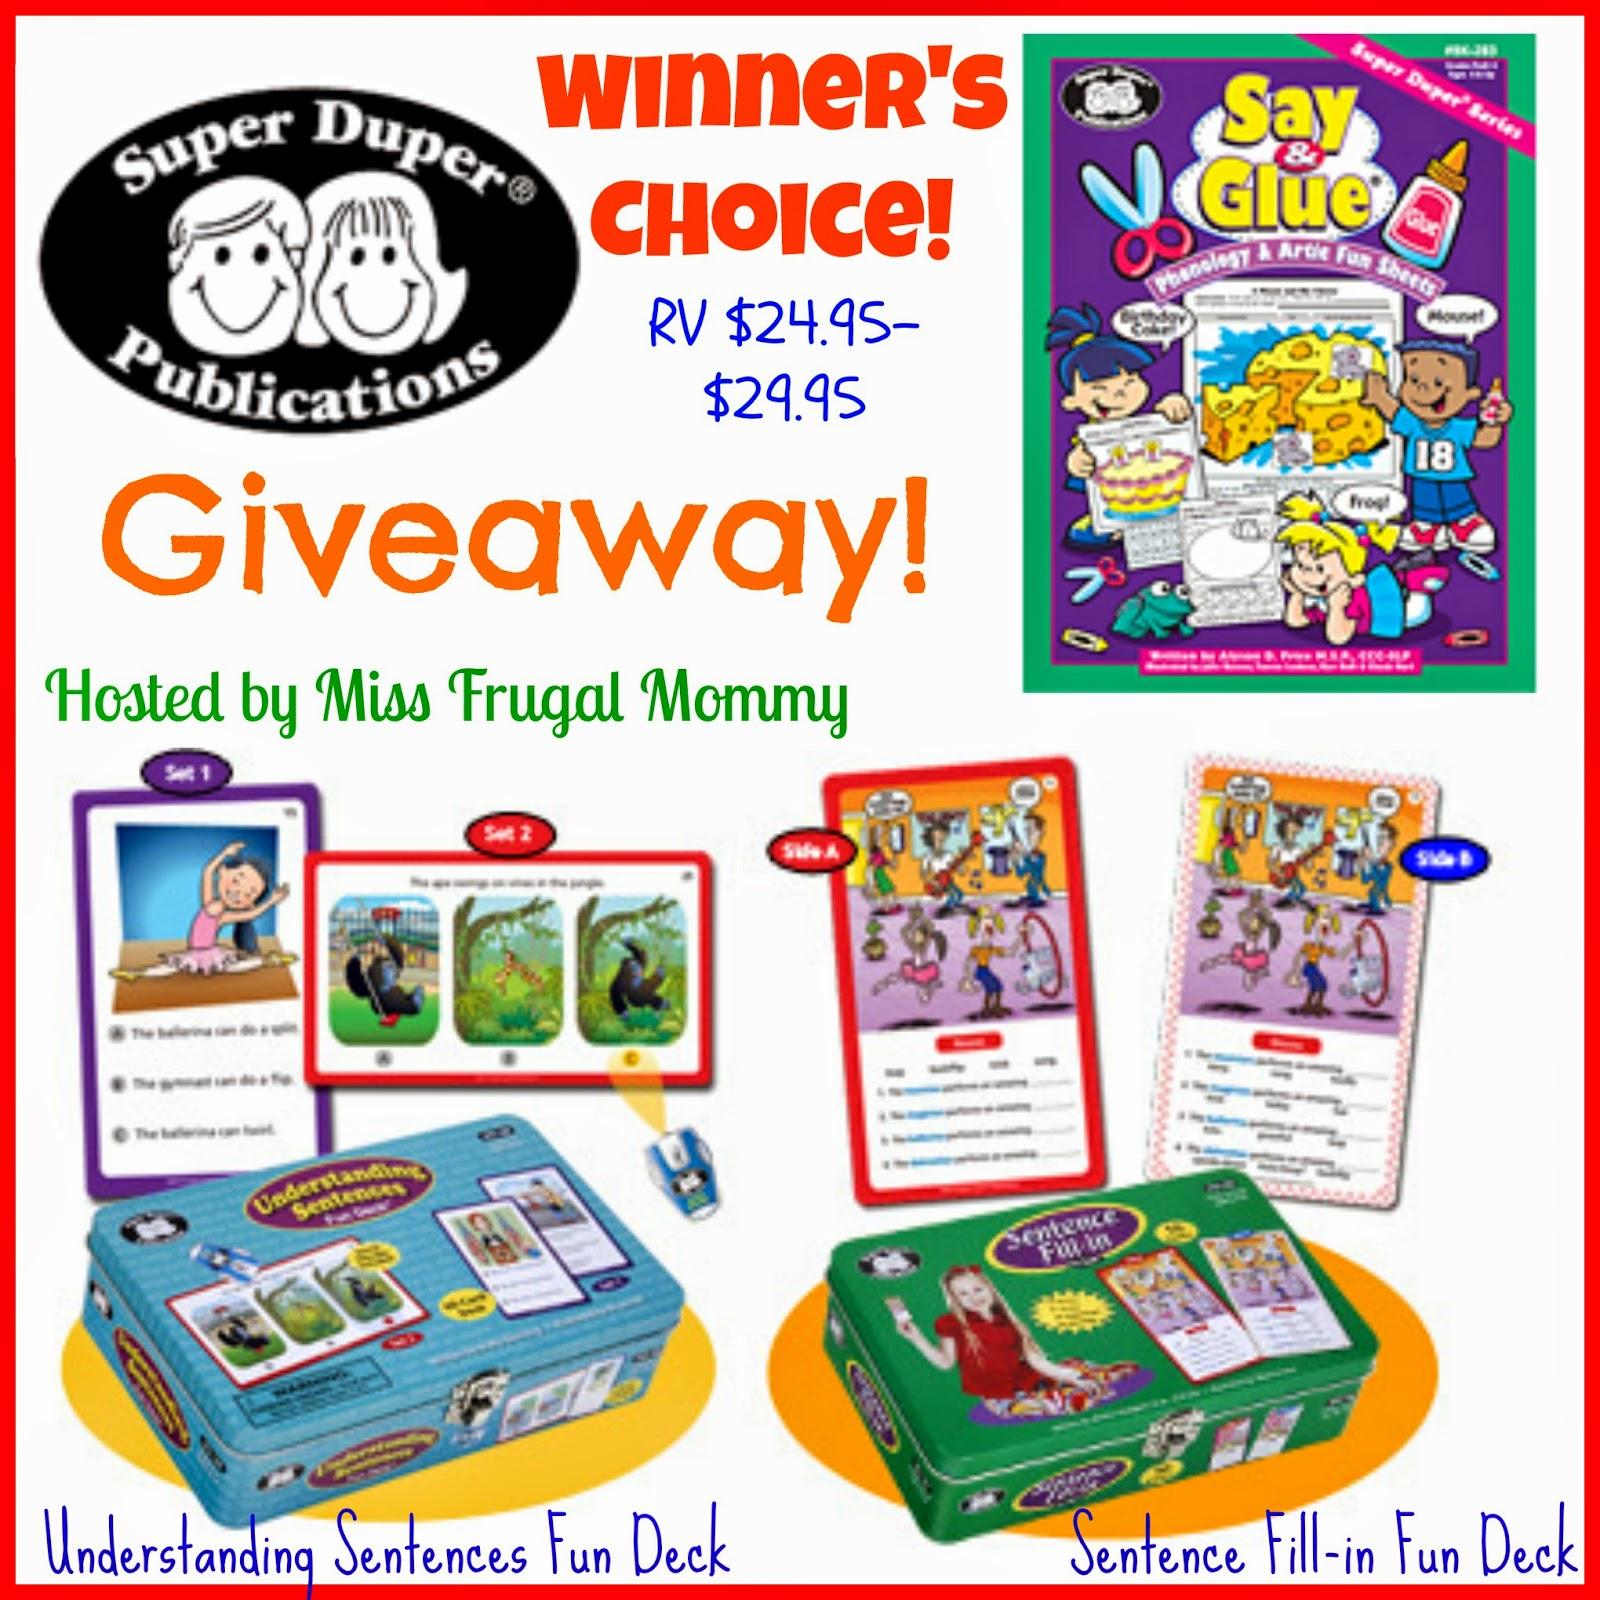 Super Duper Publications Fun Games Giveaway